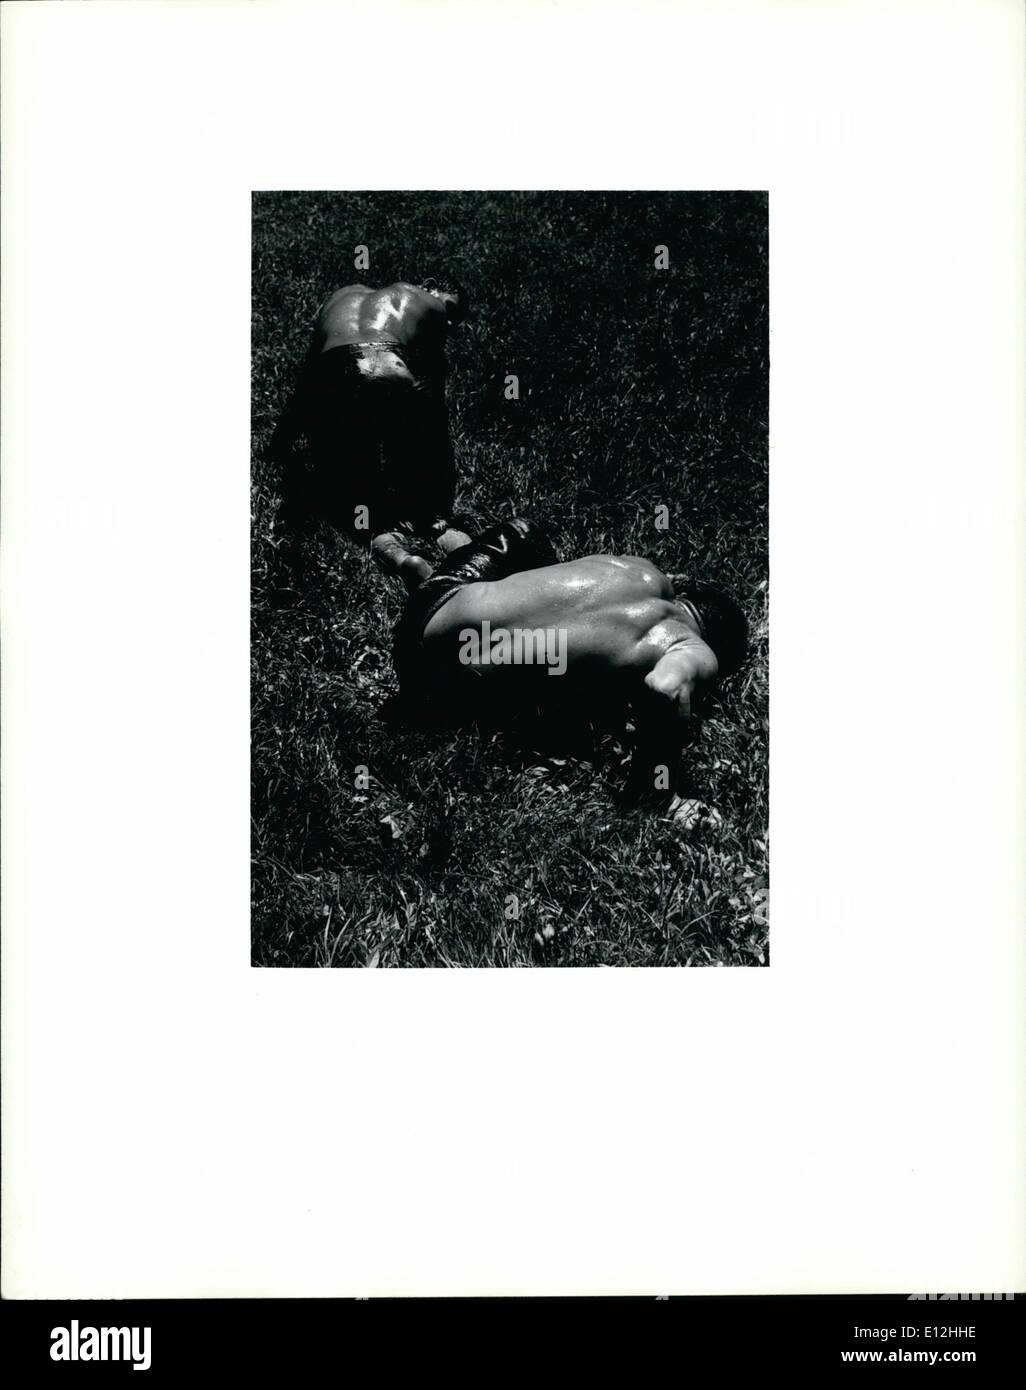 24 février 2012 - La lutte des hommes Photo Stock